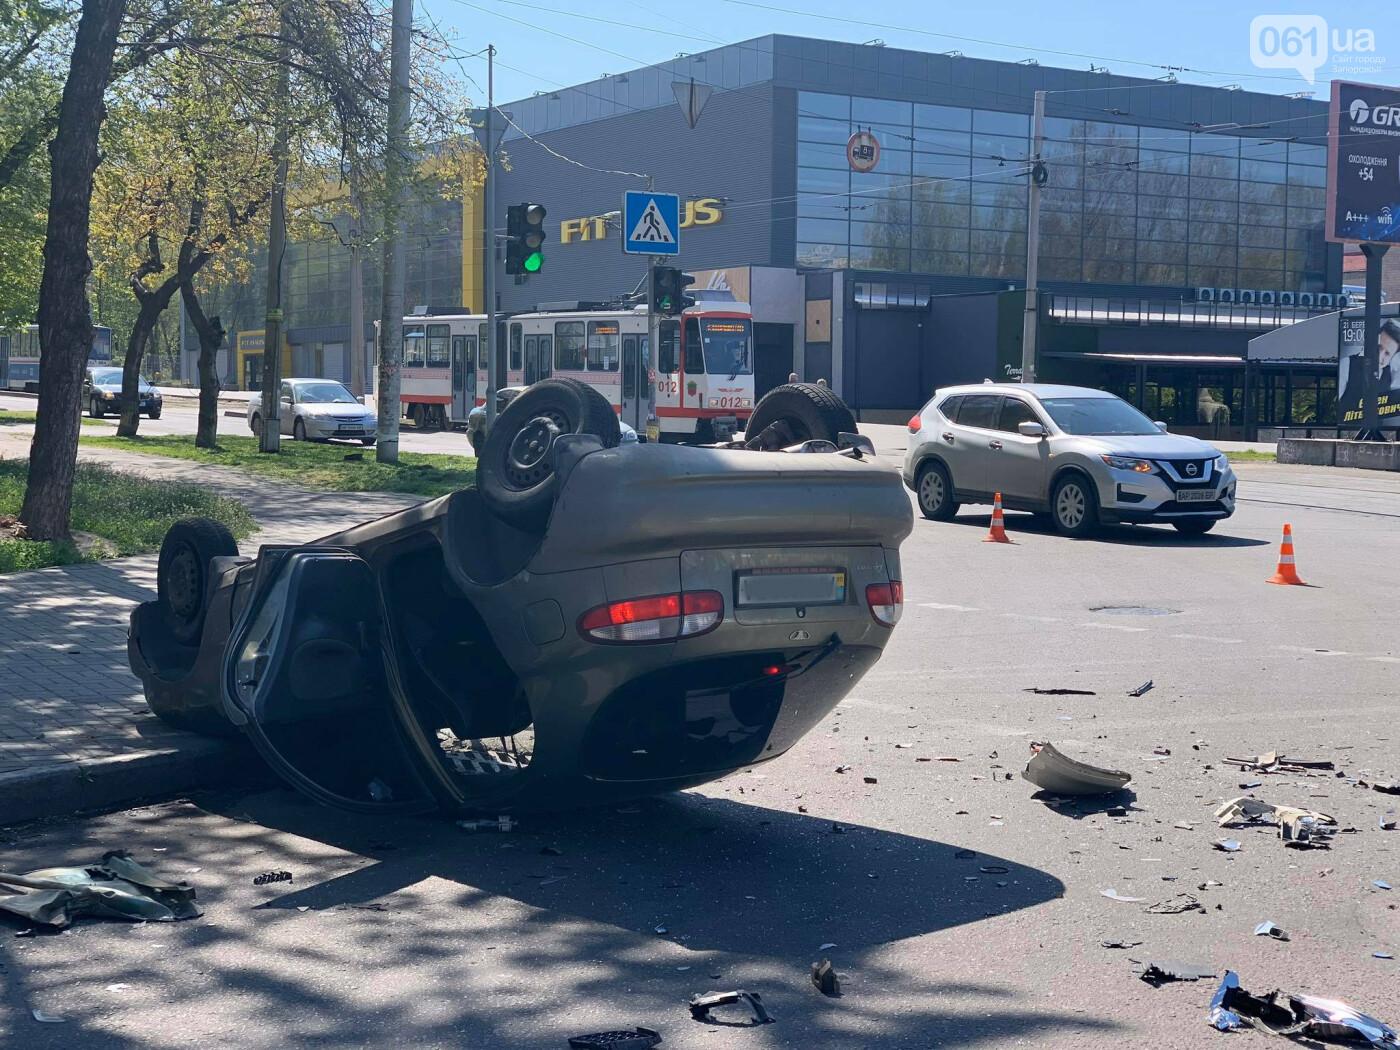 В запорожской полиции рассказали подробности утреннего ДТП с перевернувшимся авто , фото-5